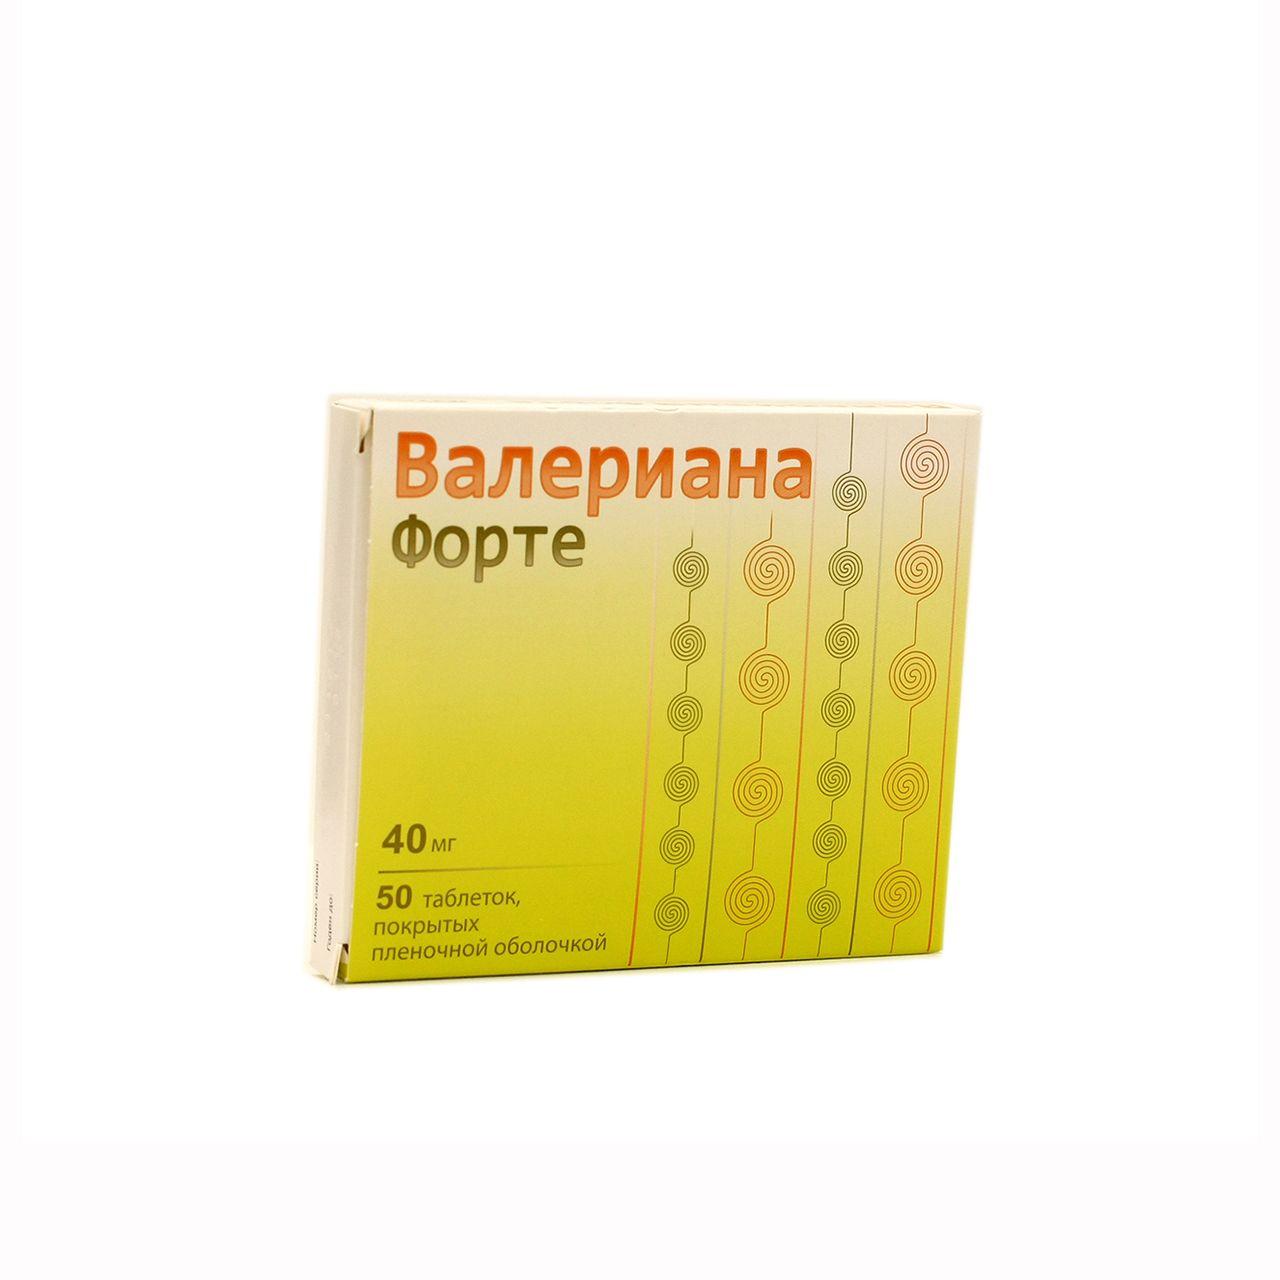 Валериана Форте, 40 мг, таблетки, покрытые пленочной оболочкой, 50 шт.